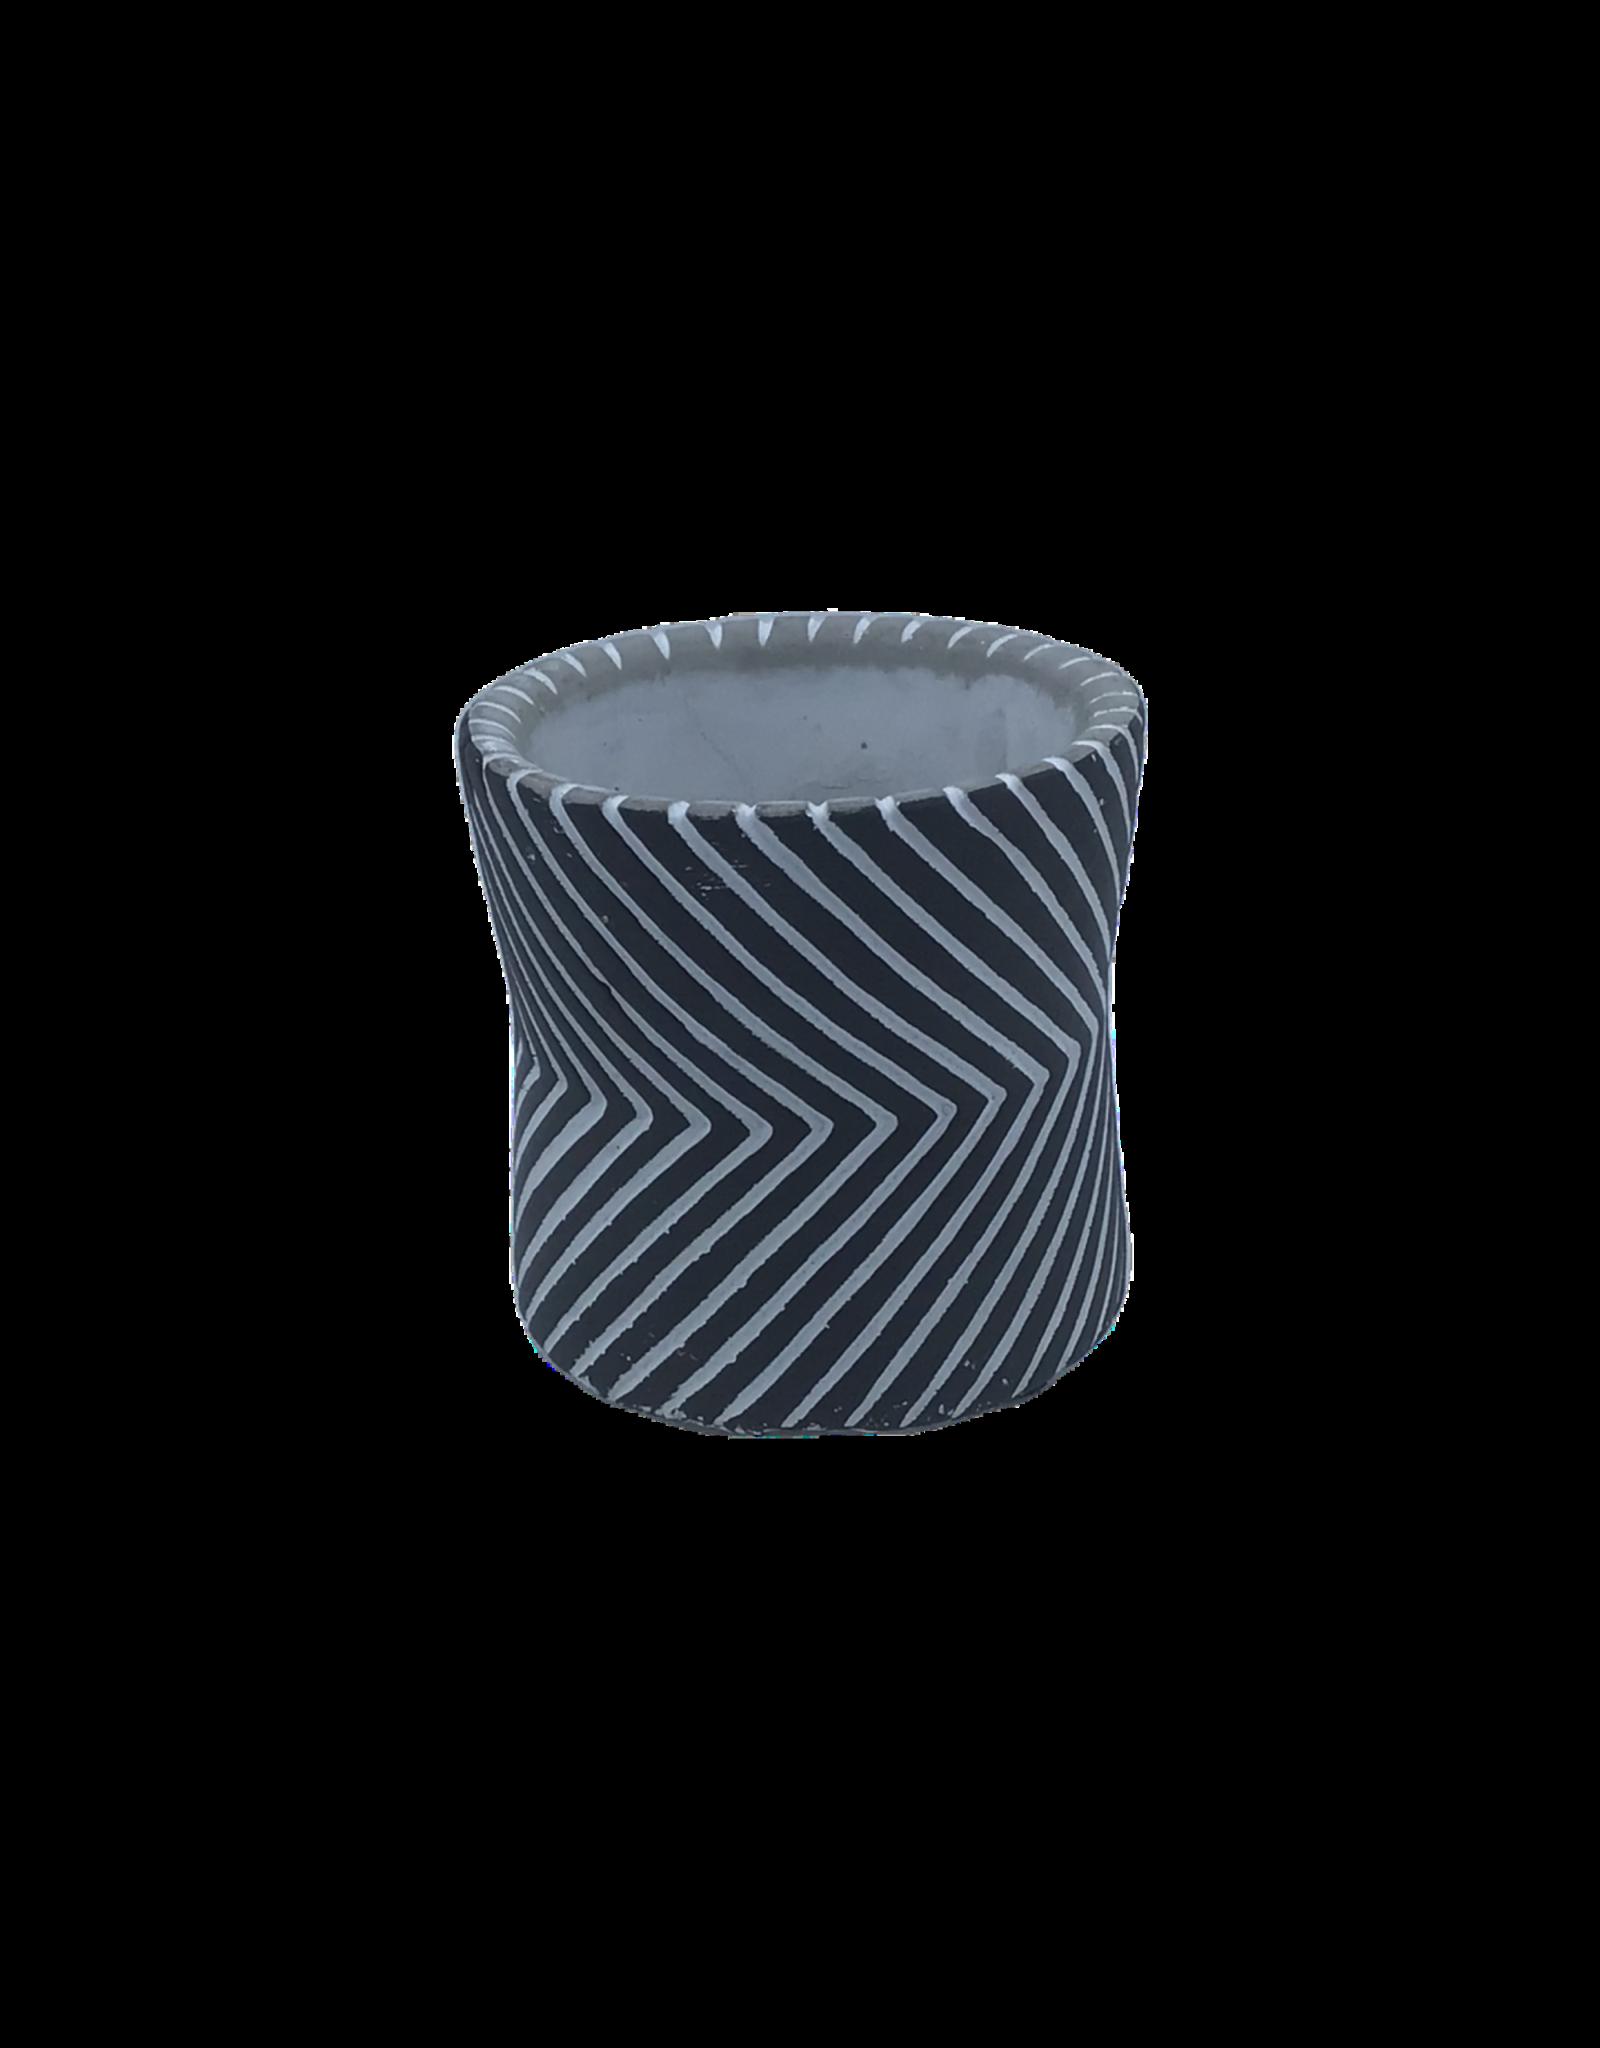 NLS Cache pot ciment 7,5x7,5h N/B